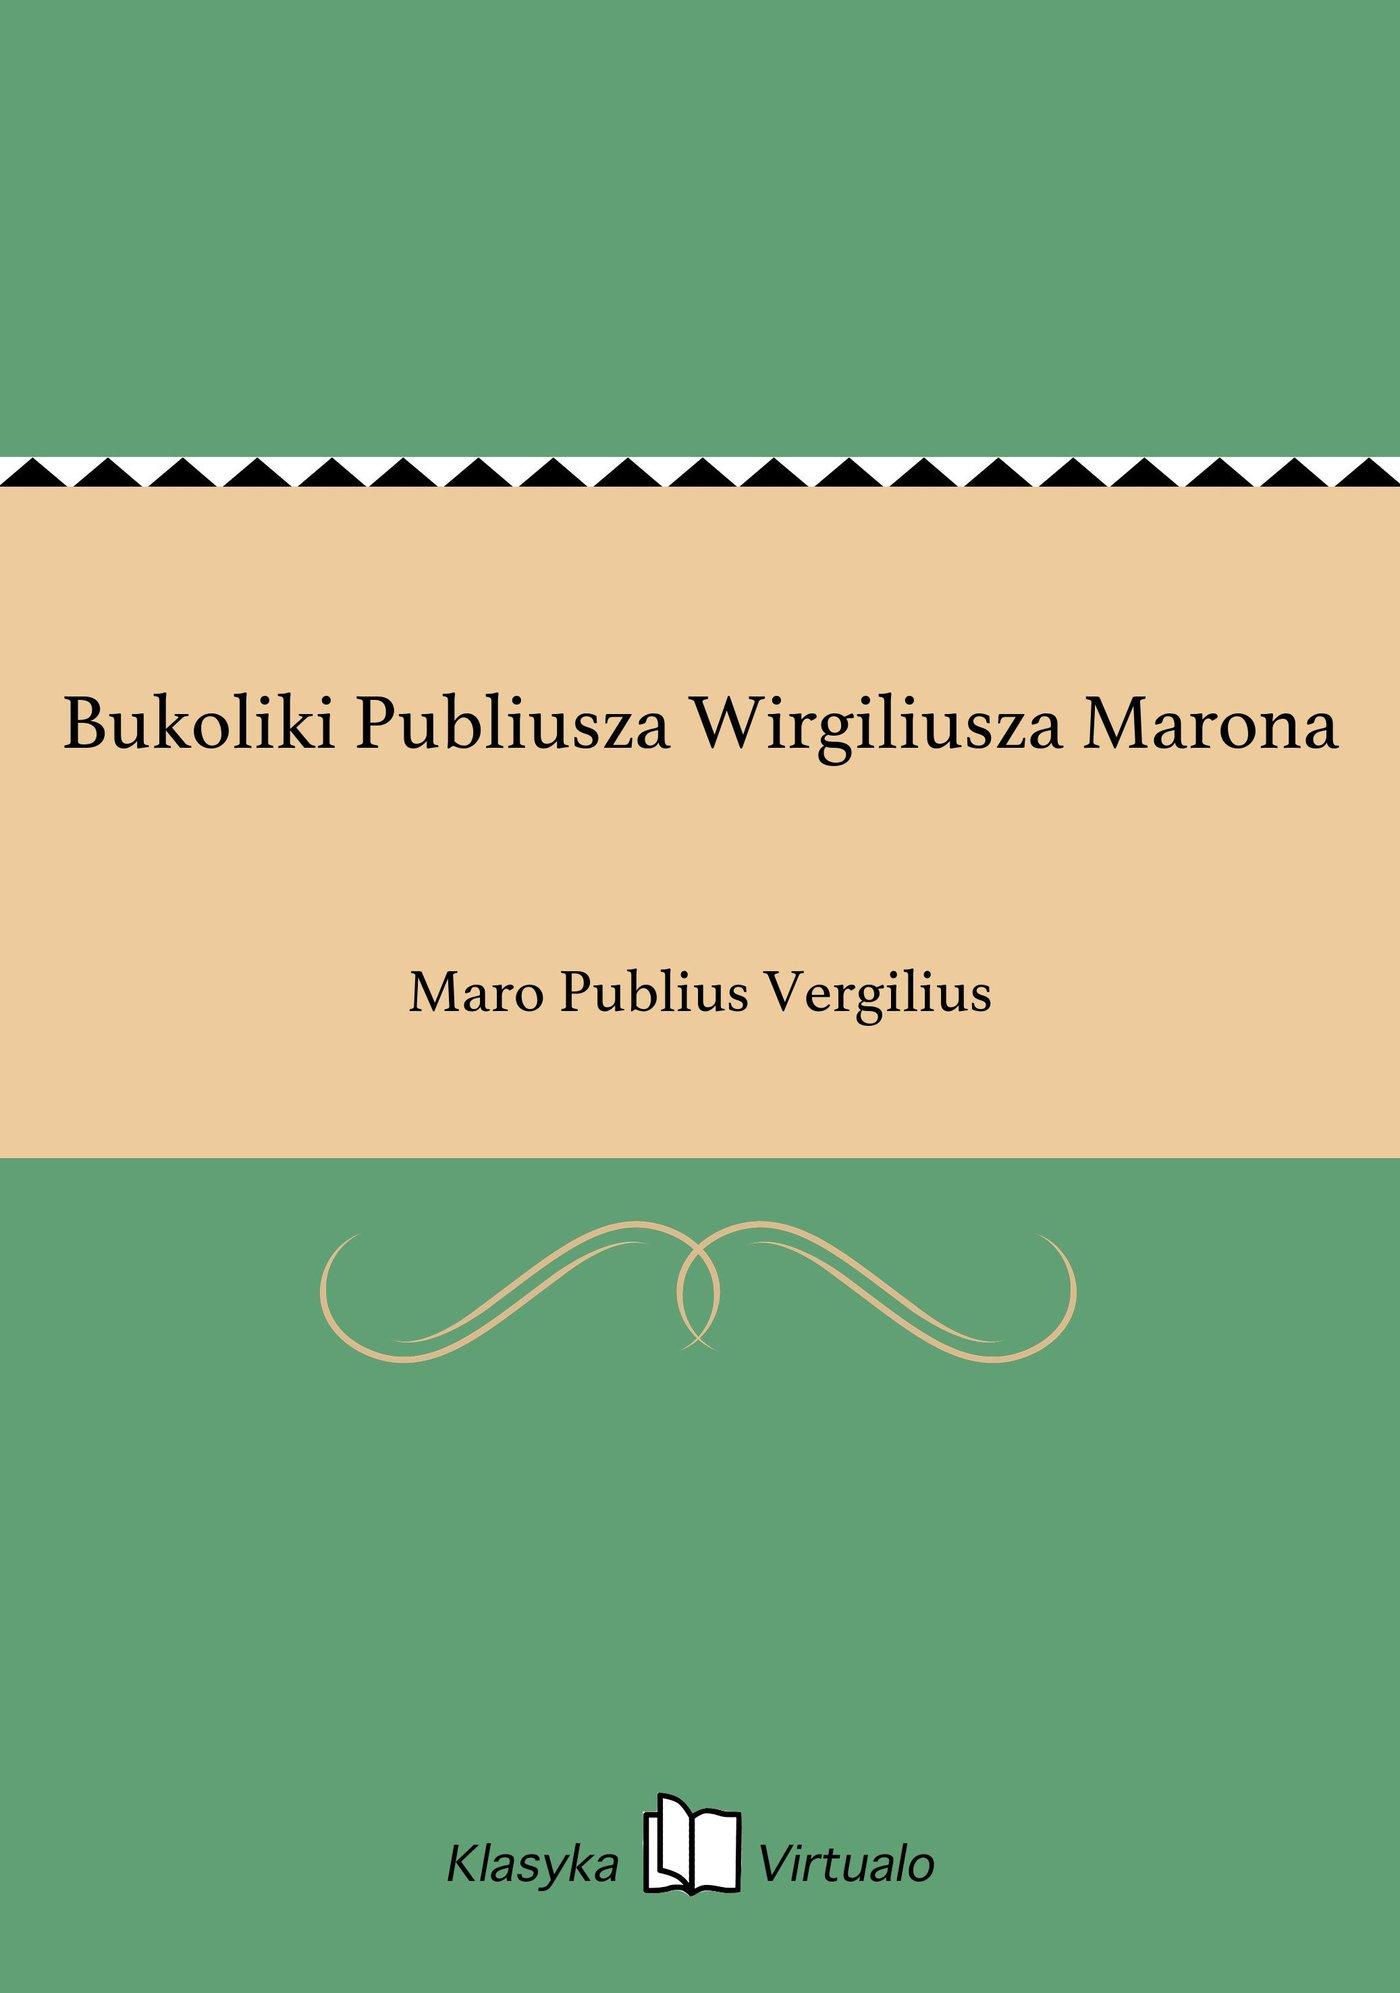 Bukoliki Publiusza Wirgiliusza Marona - Ebook (Książka EPUB) do pobrania w formacie EPUB